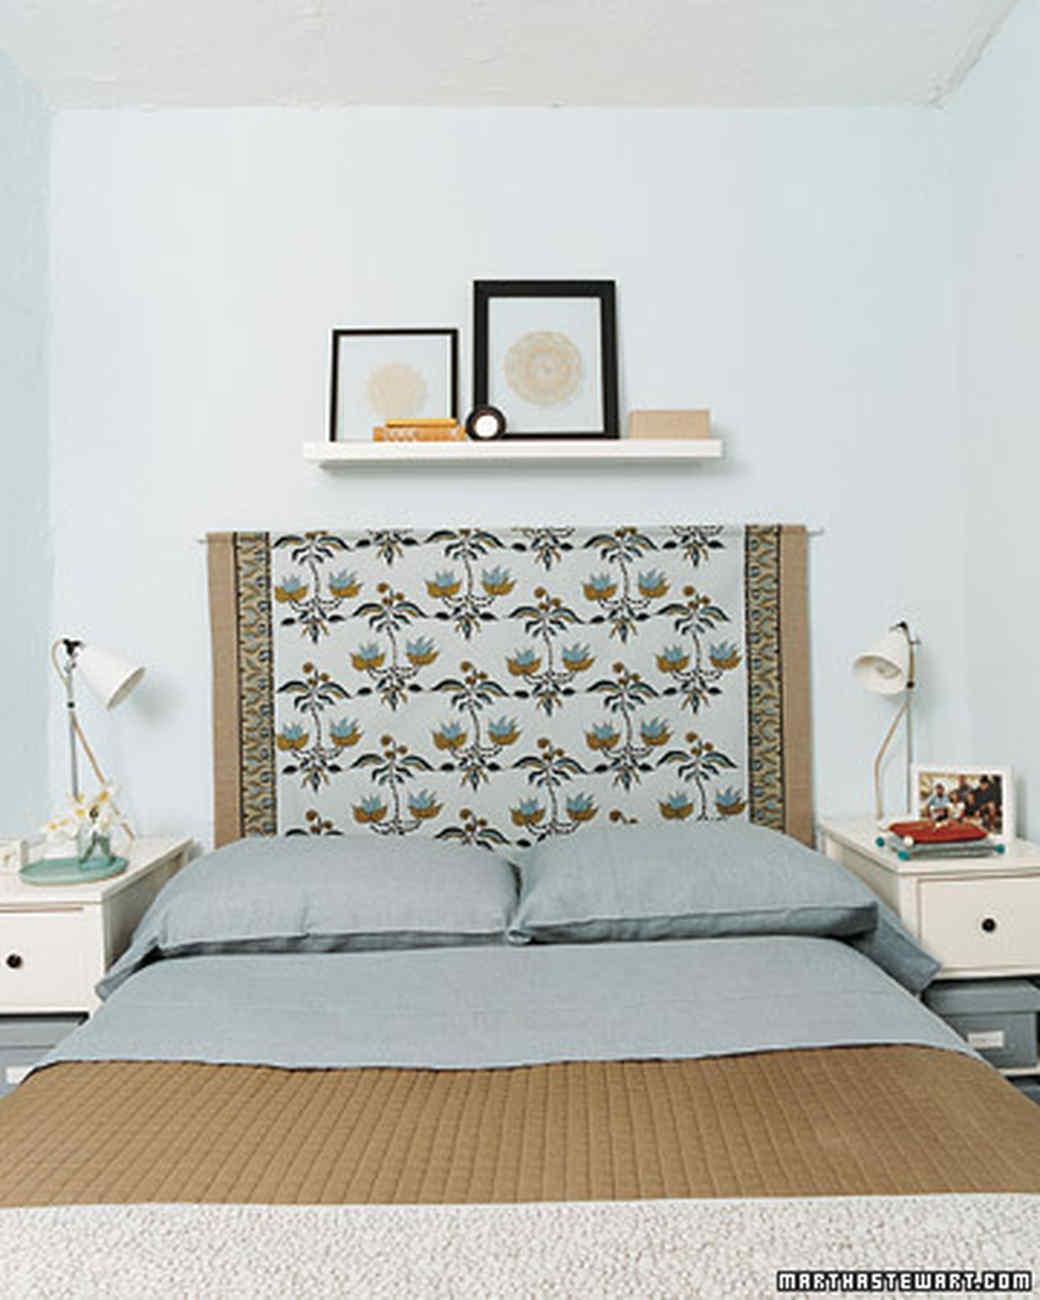 mpa102780_0307_bedroom.jpg